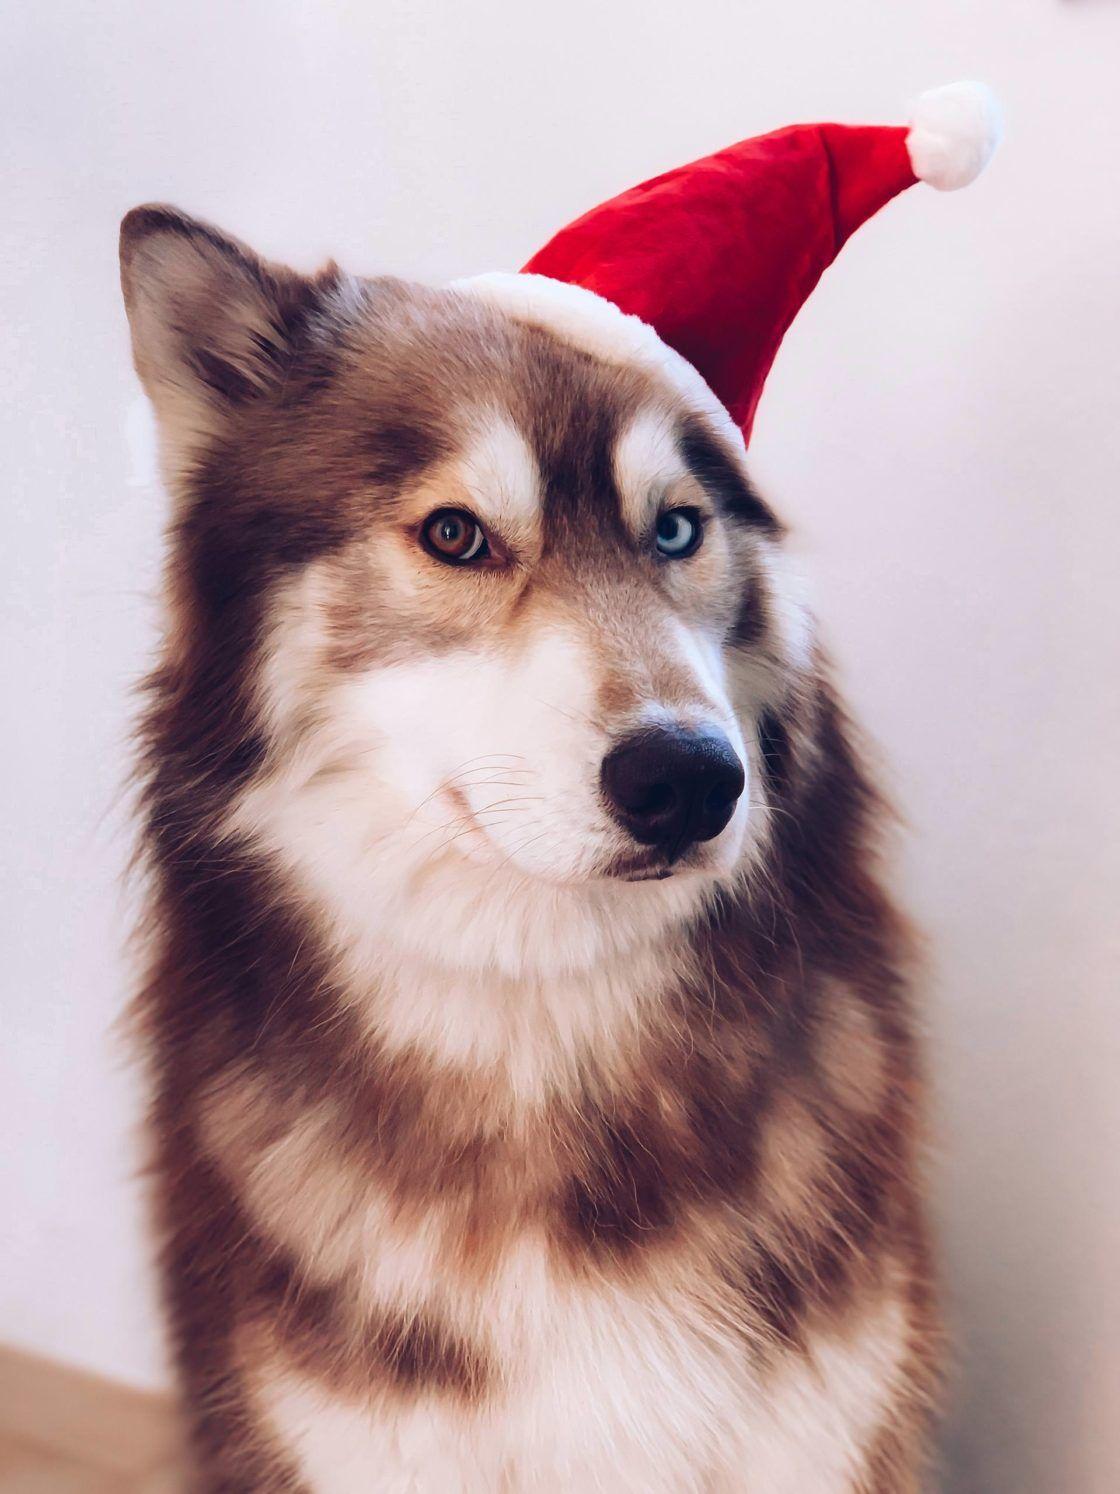 Enthalt Unbeauftragte Werbung Weihnachtsgeschenke Fur Hunde Weihnachtsgeschenke Fur Hundebesitzer Weihnachtsgeschenke Fur Hundef Weihnachtsgeschenke Fur Hunde